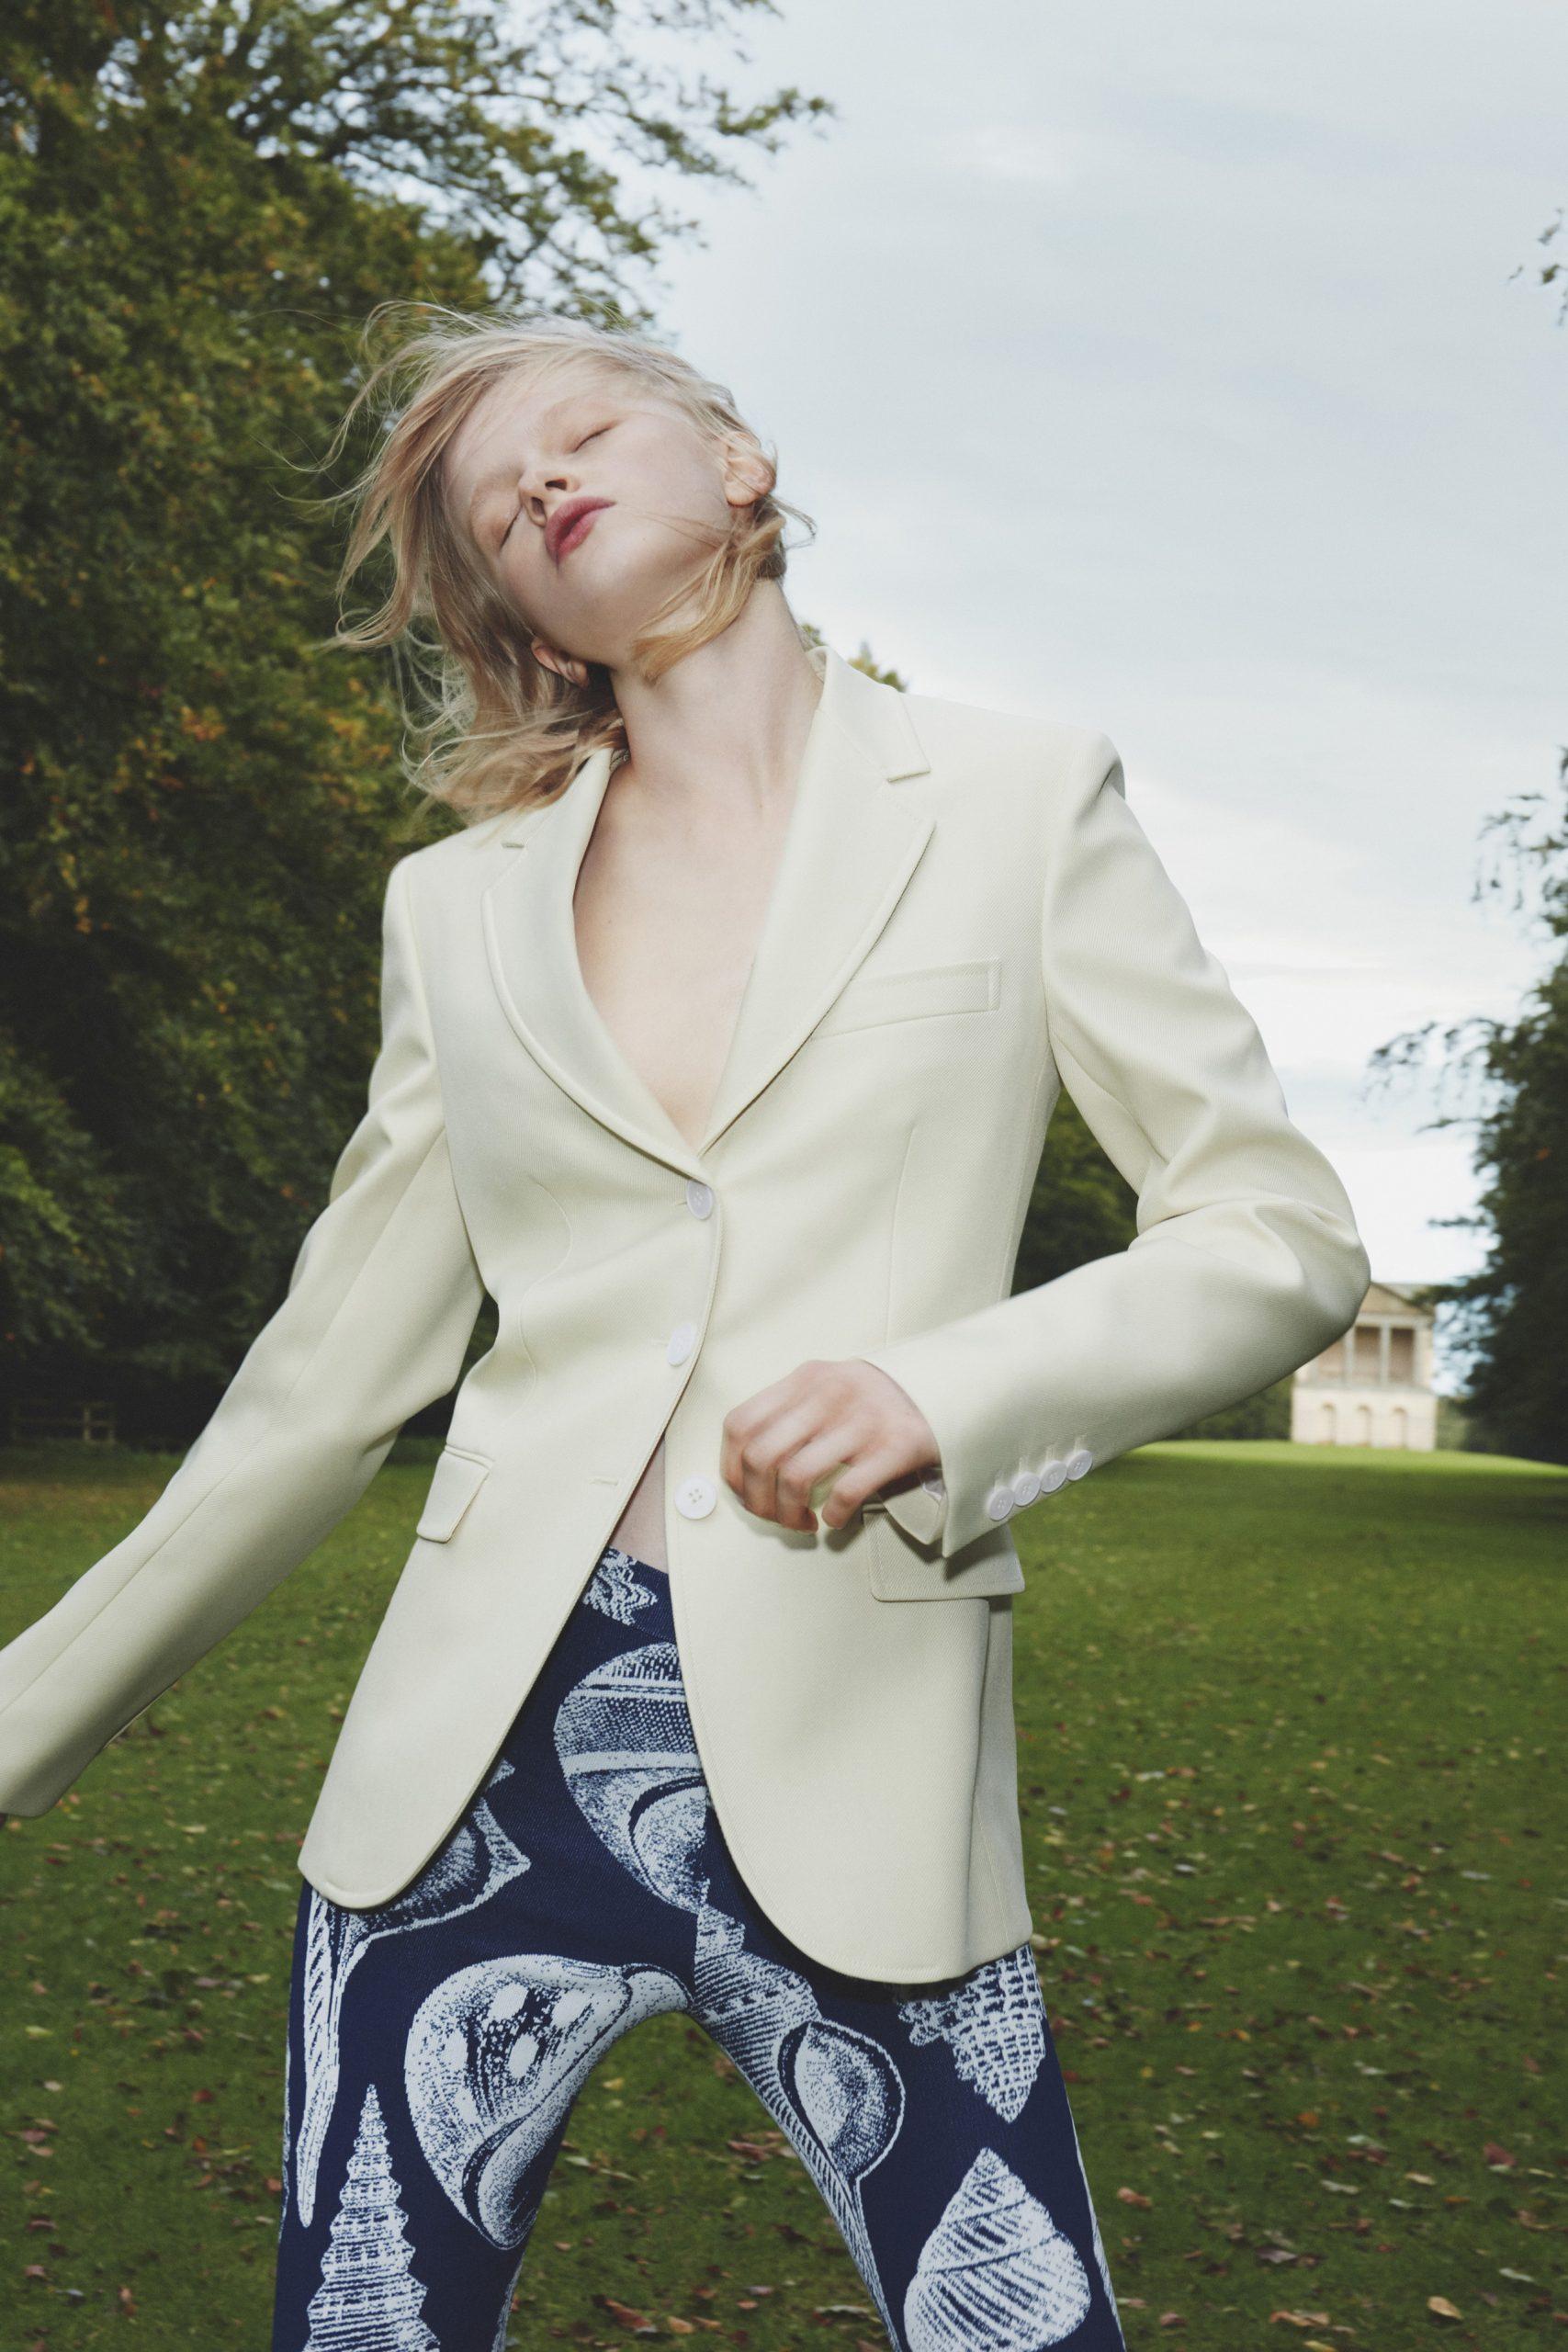 6. kép: Párizsi divathét - 2021-es tavaszi-nyári ready to wear kollekció - Stella McCartney